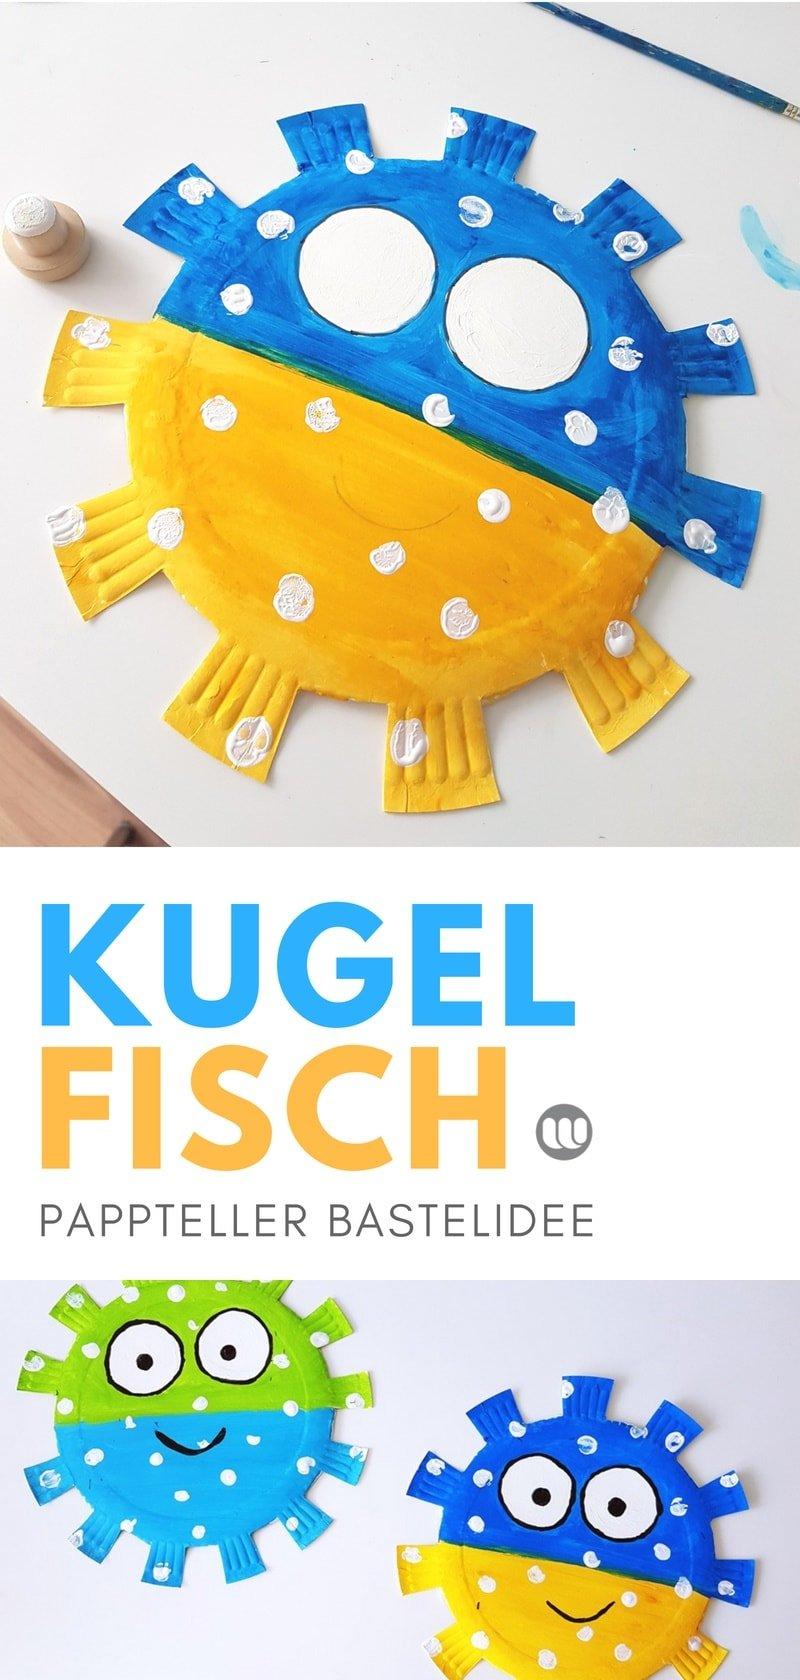 #Kugelfisch #basteln #Pappteller